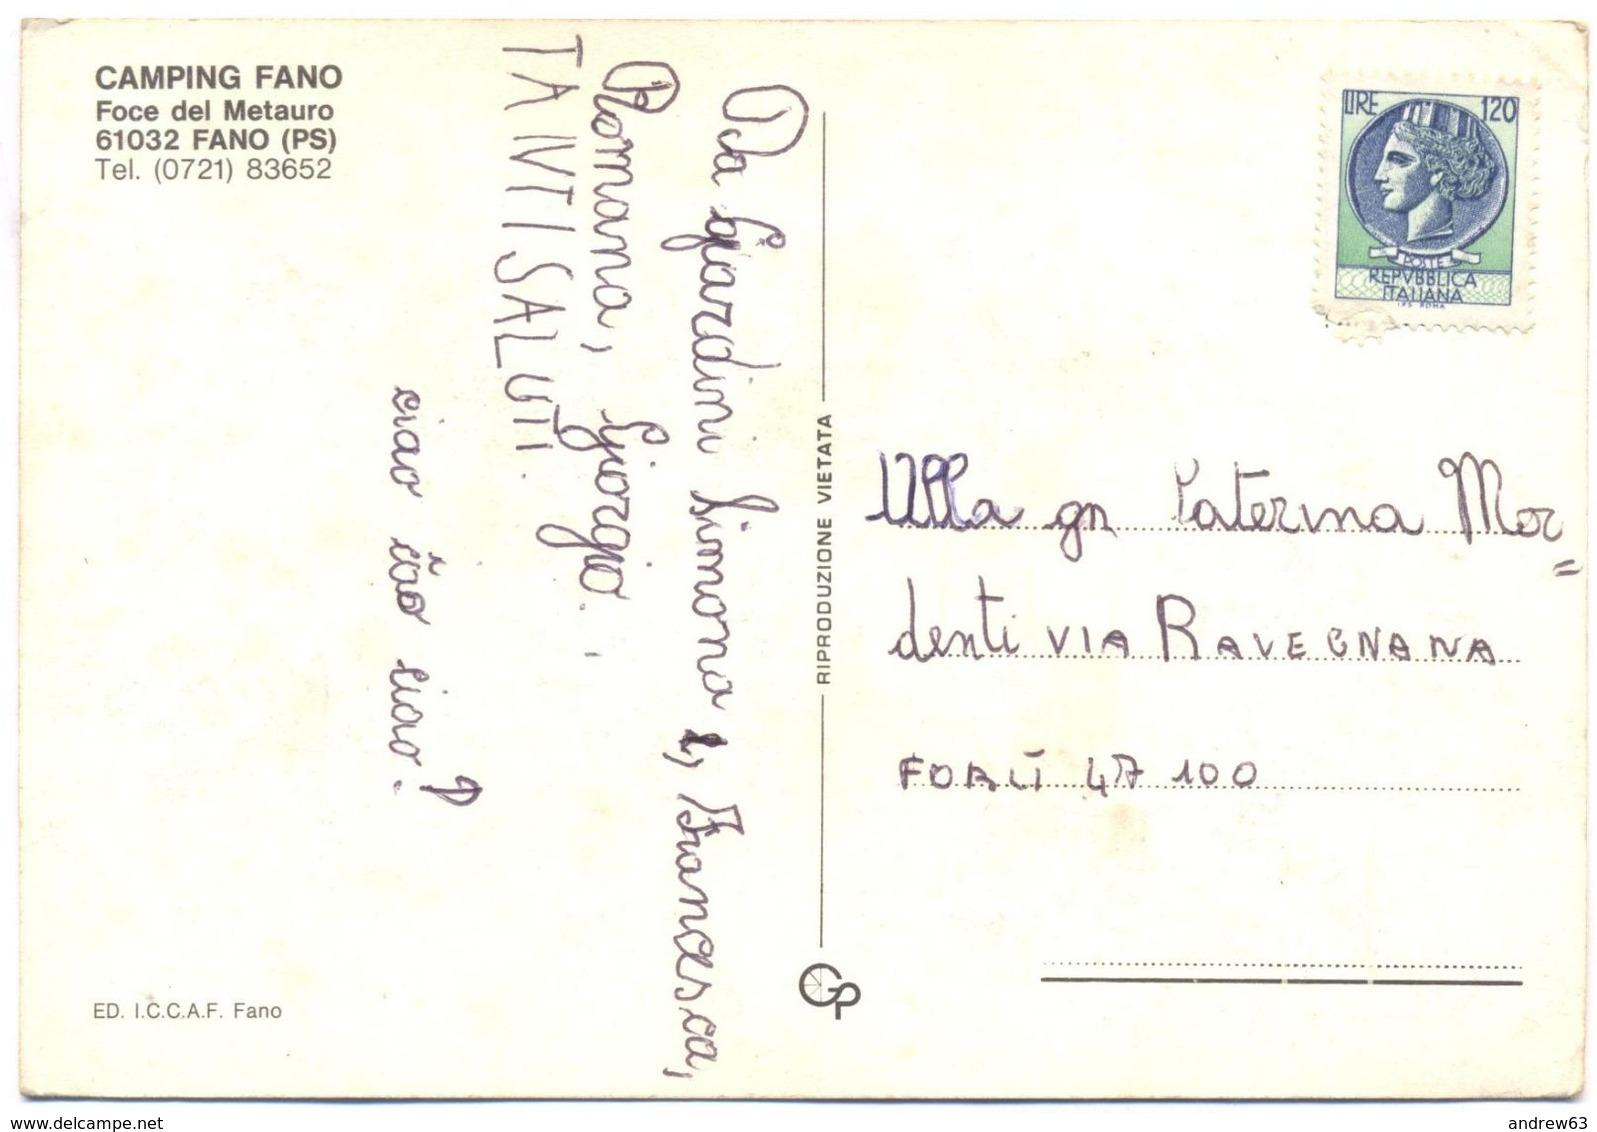 ITALIA - ITALY - ITALIE - 1978 - 120 Siracusana - Fano - Camping Fano, Foce Del Metauro - Viaggiata Da Fano Per Forlì - Fano